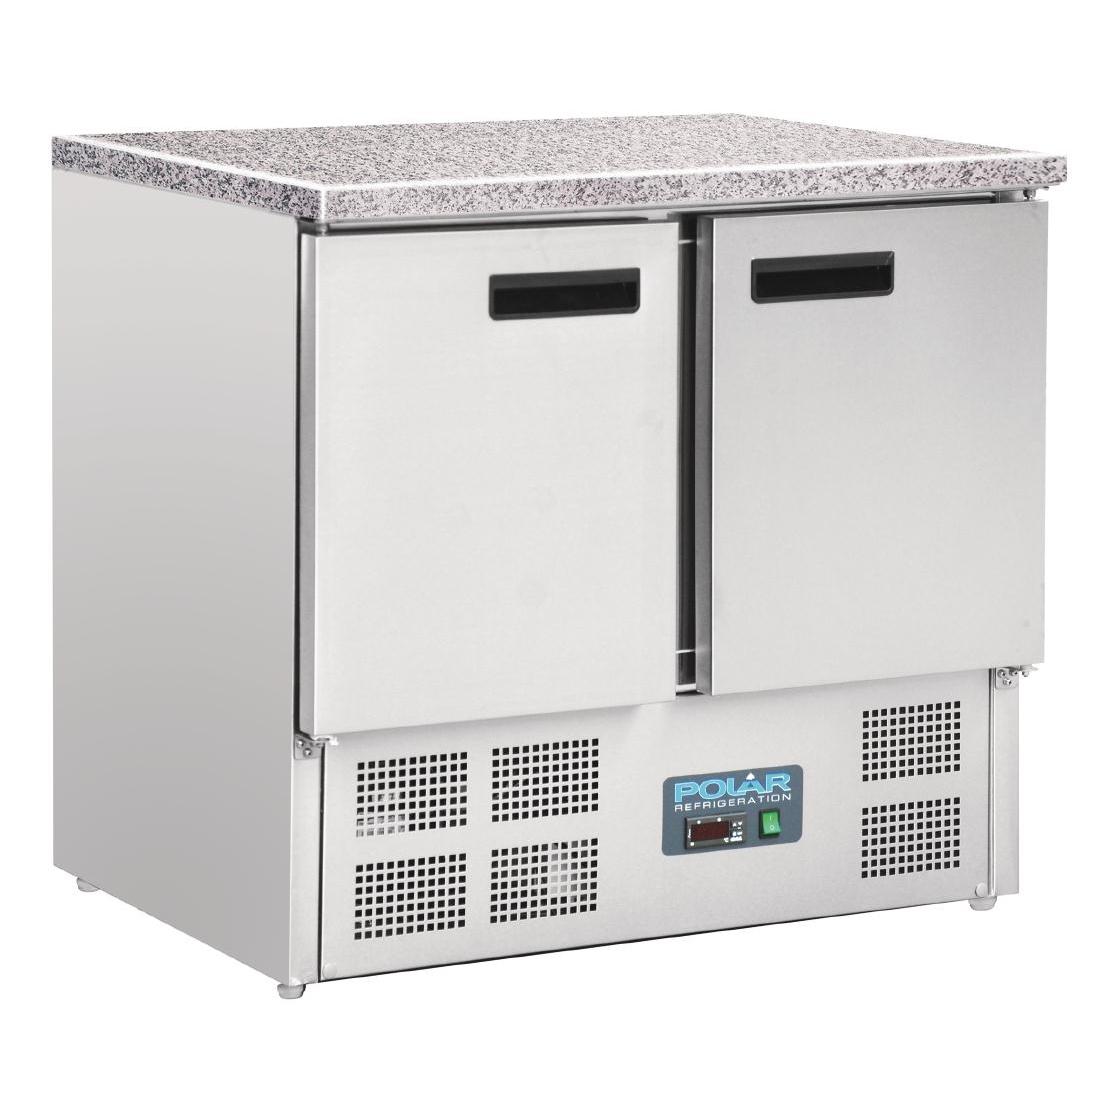 Table réfrigérée positive plan de travail en marbre 2 portes 240L